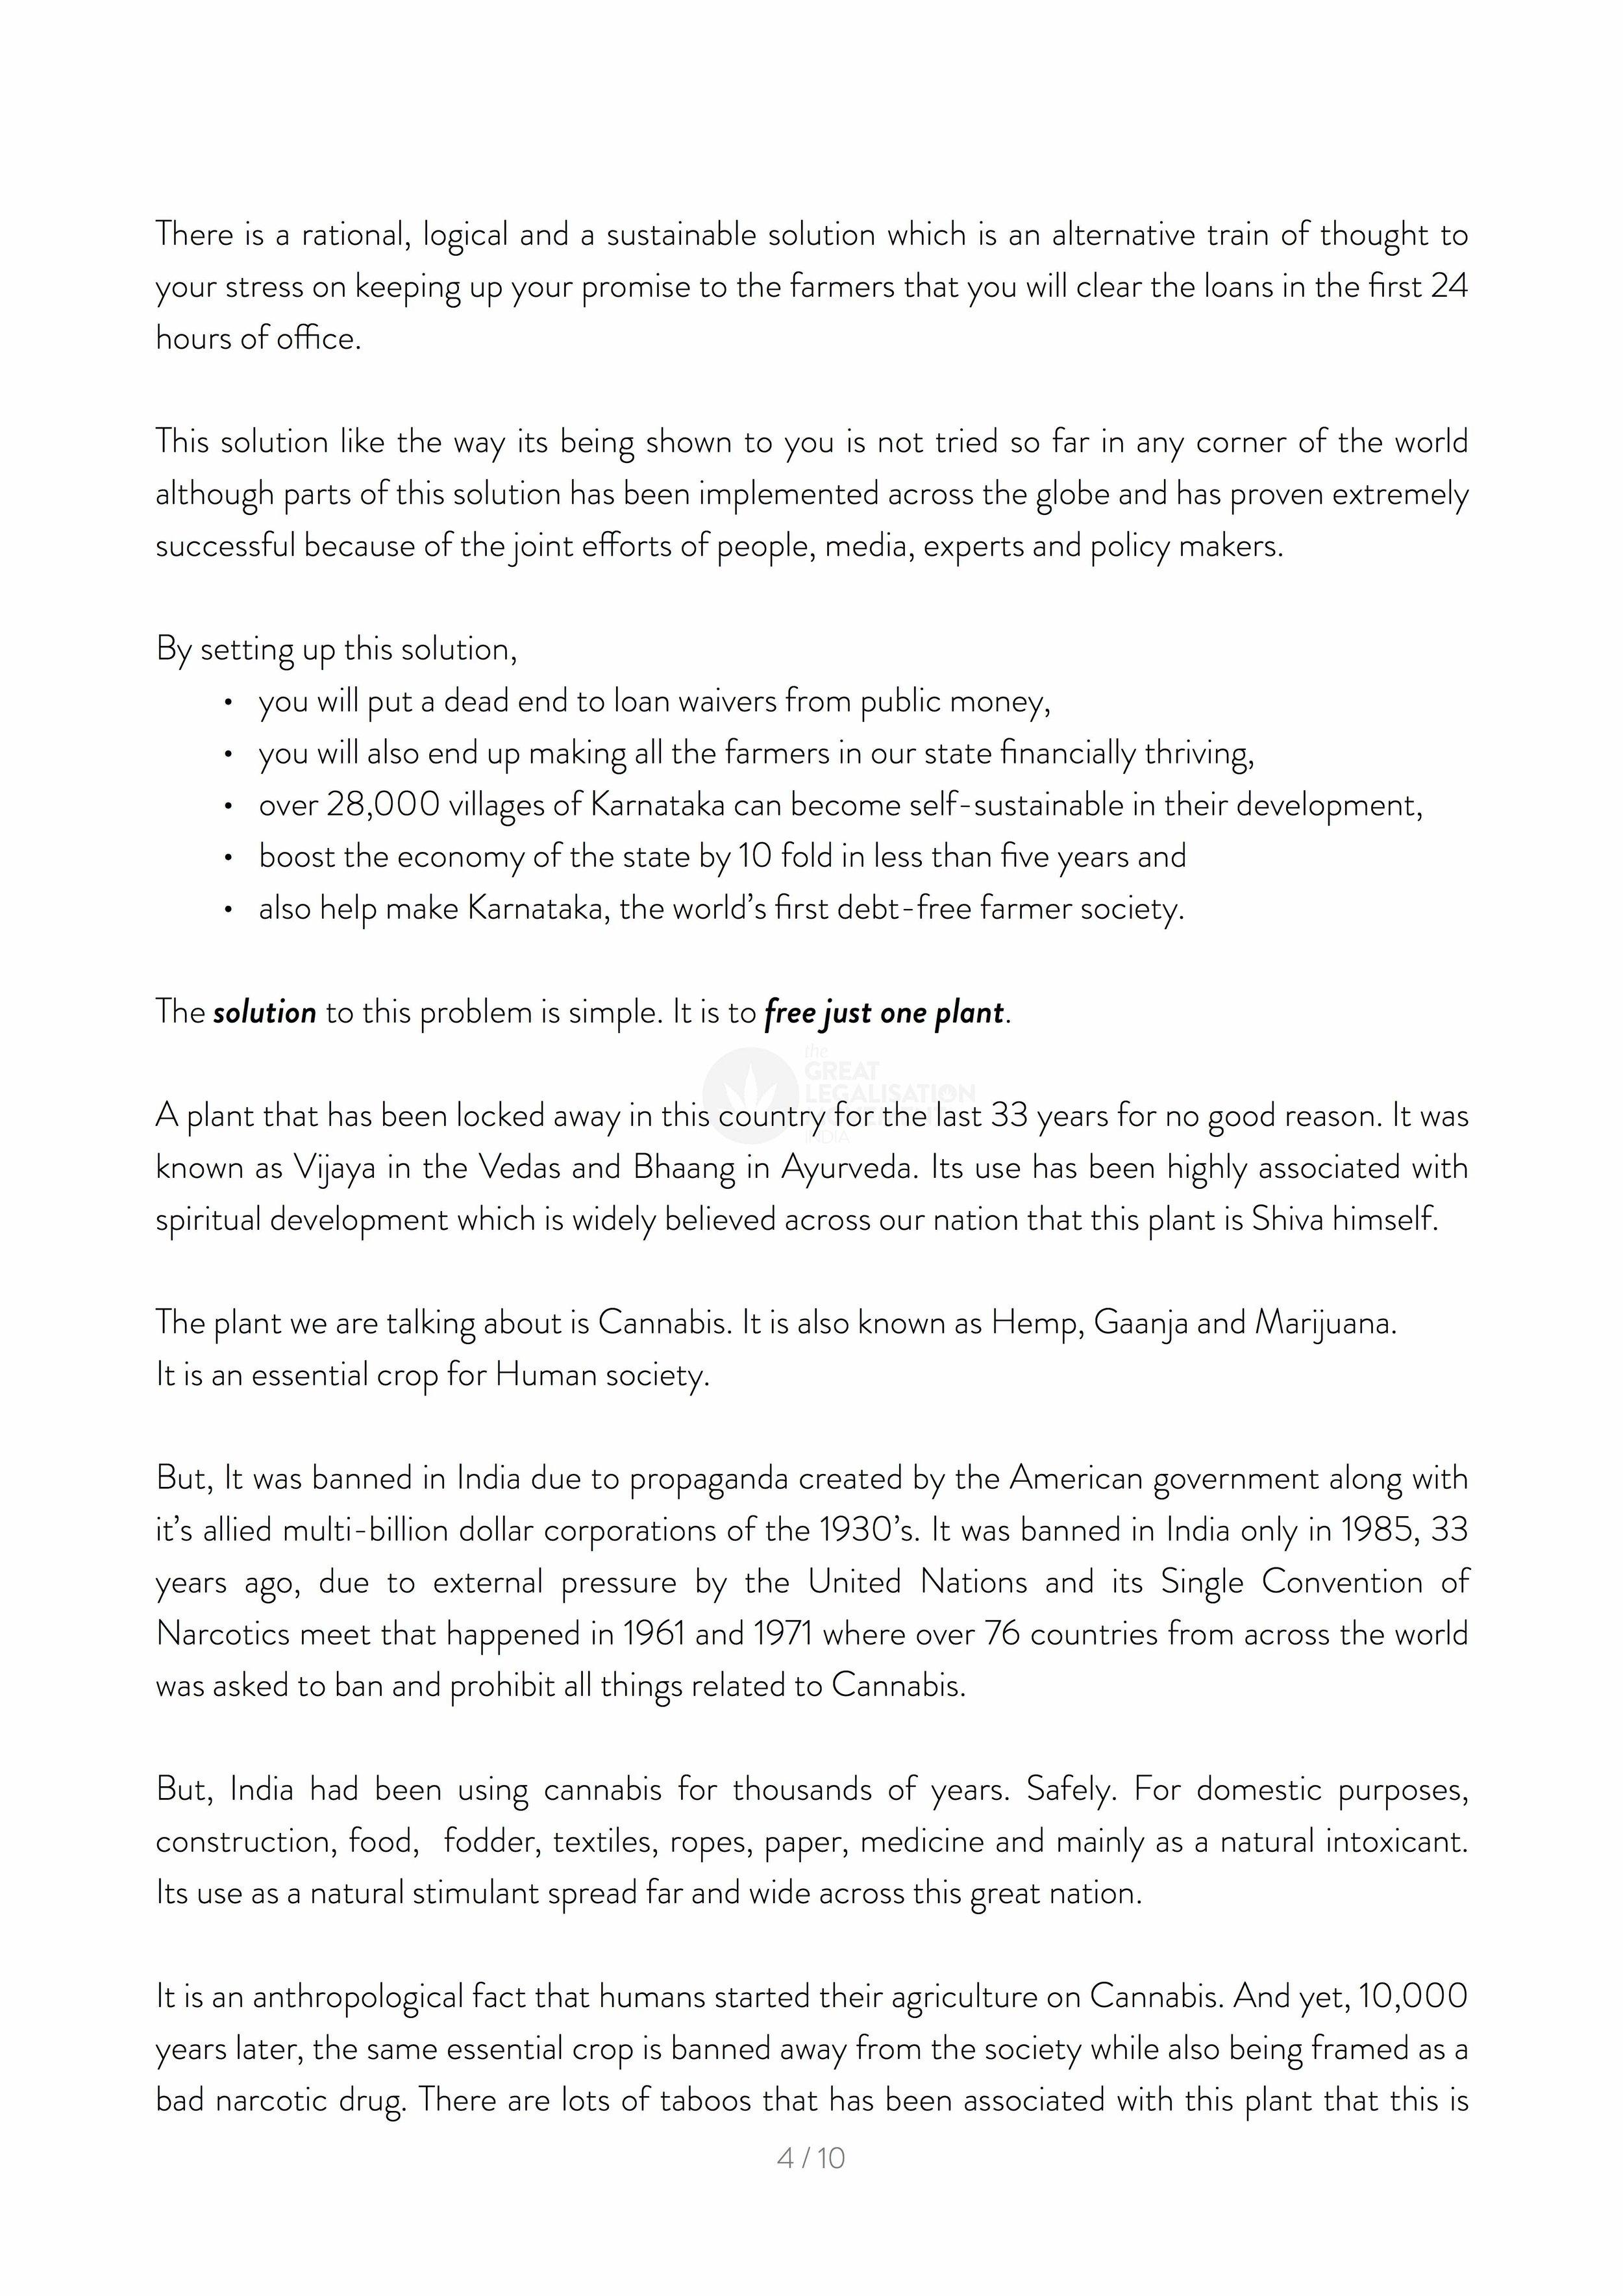 Letter to Kumaraswamy 7_4.jpg